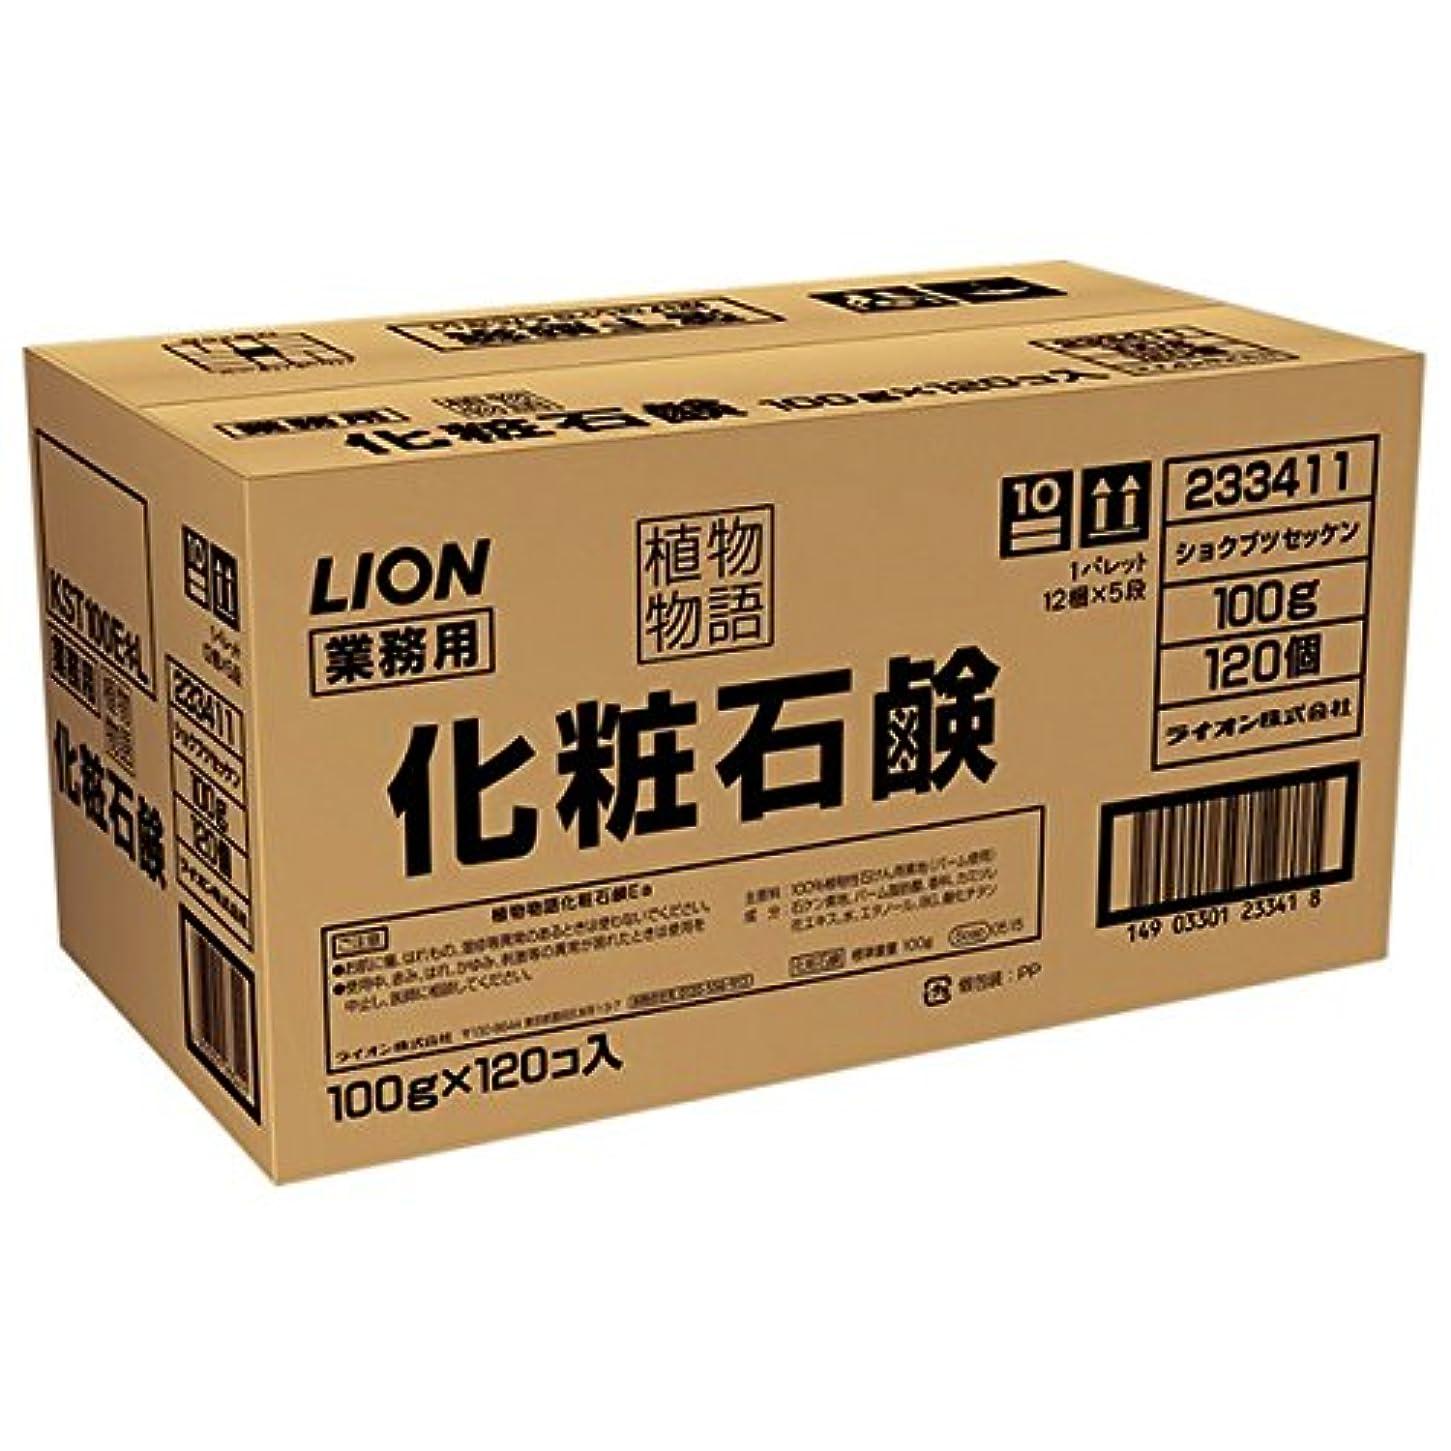 名義でノーブルメインライオン 植物物語 化粧石鹸 業務用 100g 1箱(120個)